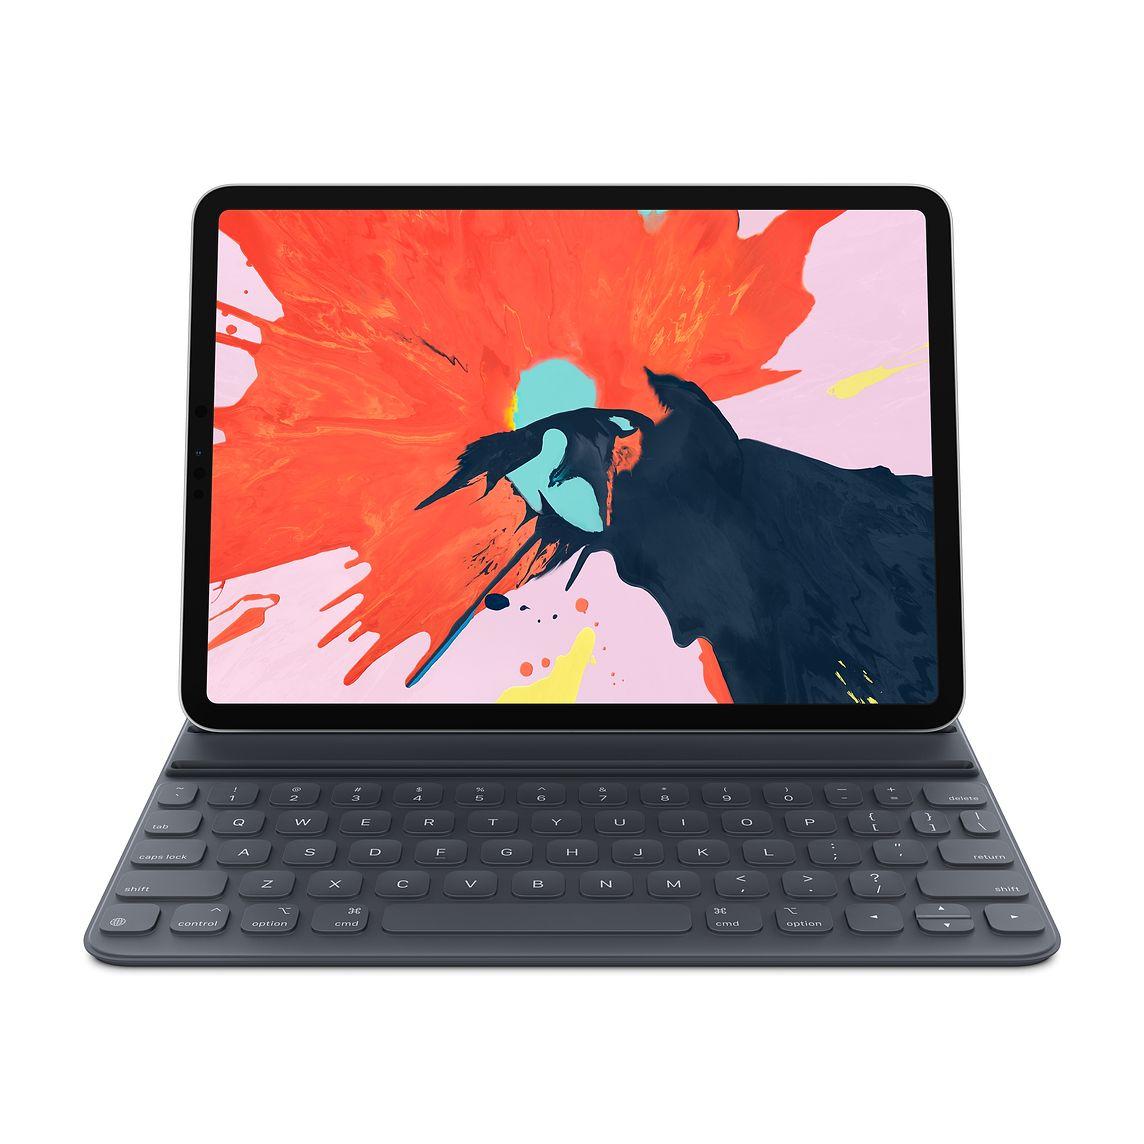 d50e7782d49 Buy iPad Pro Smart Keyboard Folio - Apple